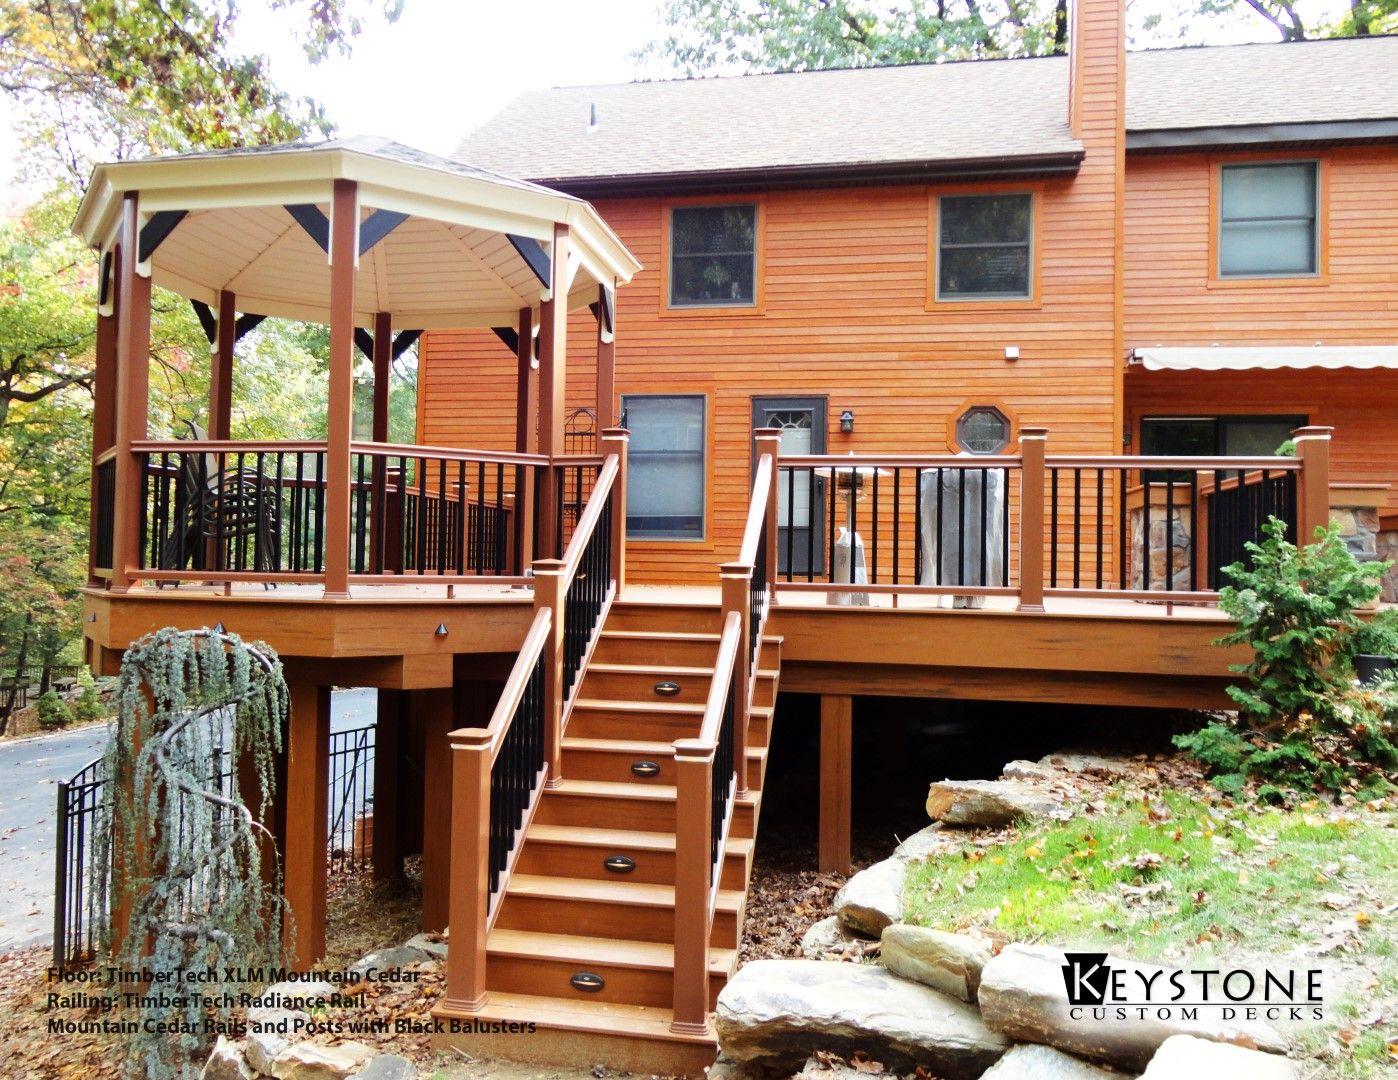 Best Timbertech Xlm Mountain Cedar Decking With Timbertech Radiancerail Mountain Cedar Rails And 640 x 480